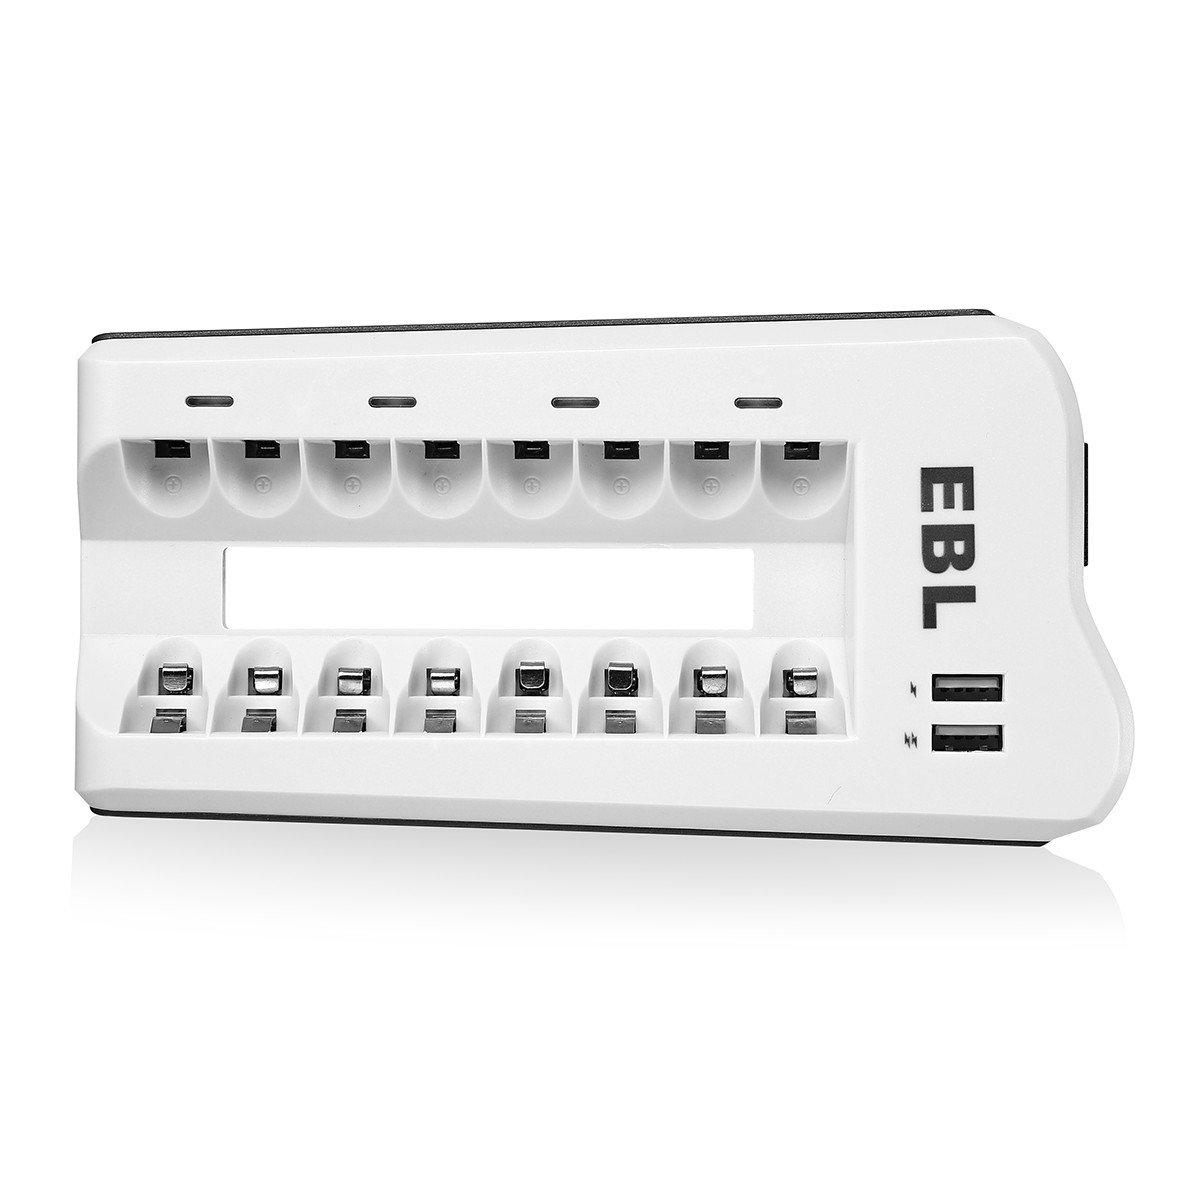 EBL Batterieladegerät mit 8 Stecker und 2 USB Port für Ni-MH Ni-CD AA AAA Akkus